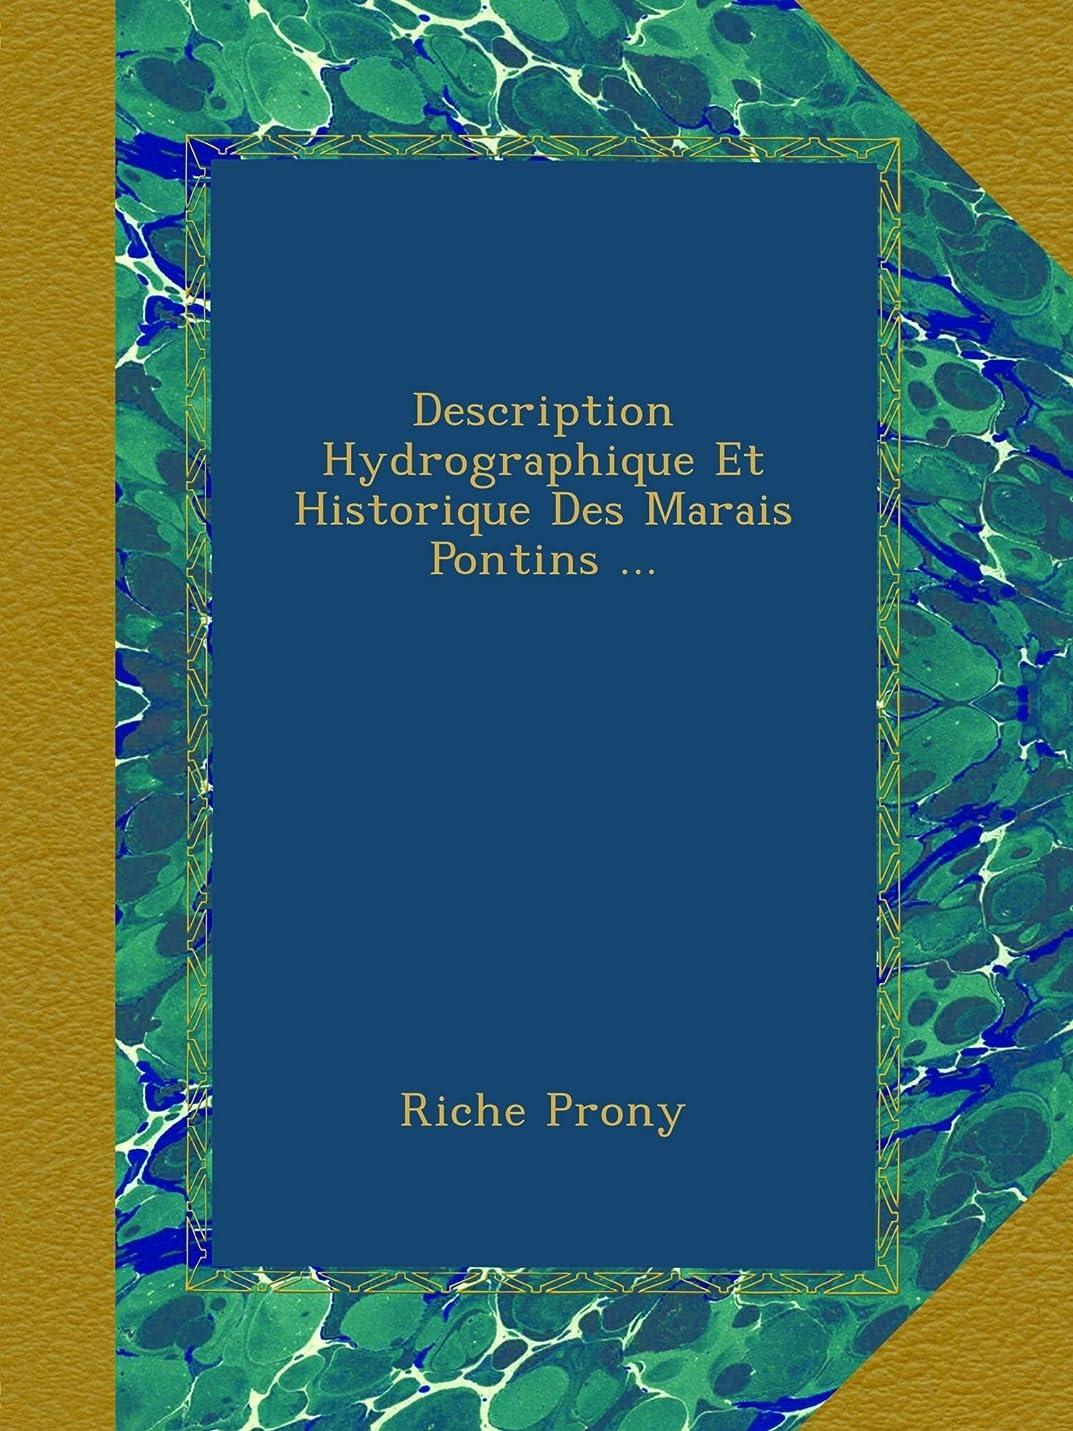 飾り羽違法経験Description Hydrographique Et Historique Des Marais Pontins ...